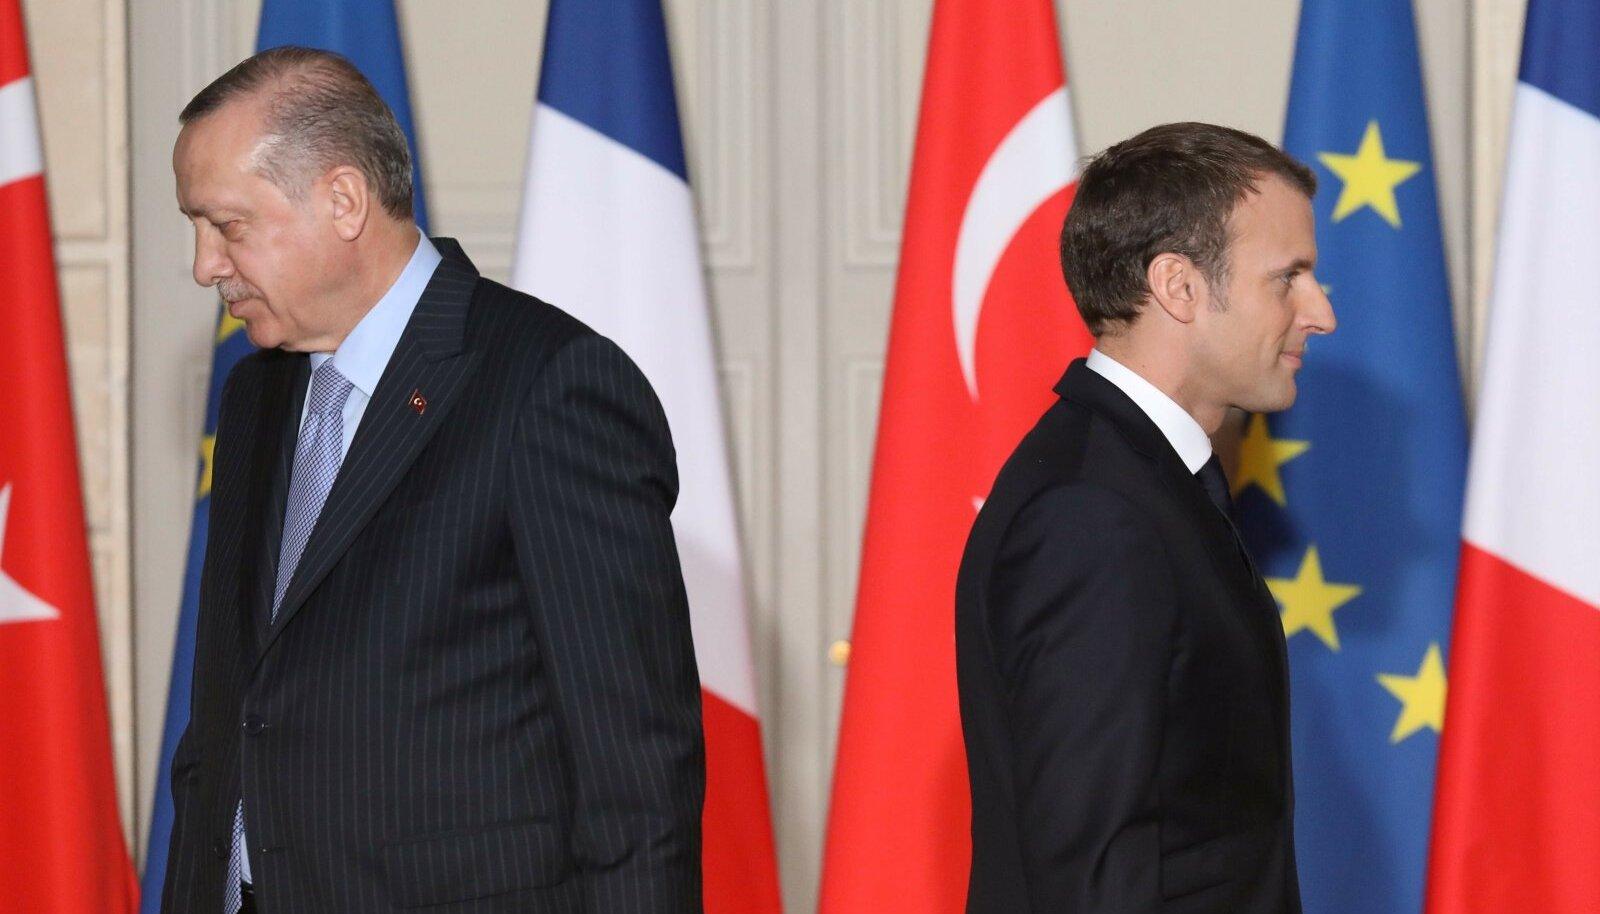 SÜGAV LÕHE: Recep Tayyip Erdoğani (vasakul) ja Emmanuel Macroni vaheline suhe on jõudnud tõelisesse madalpunkti